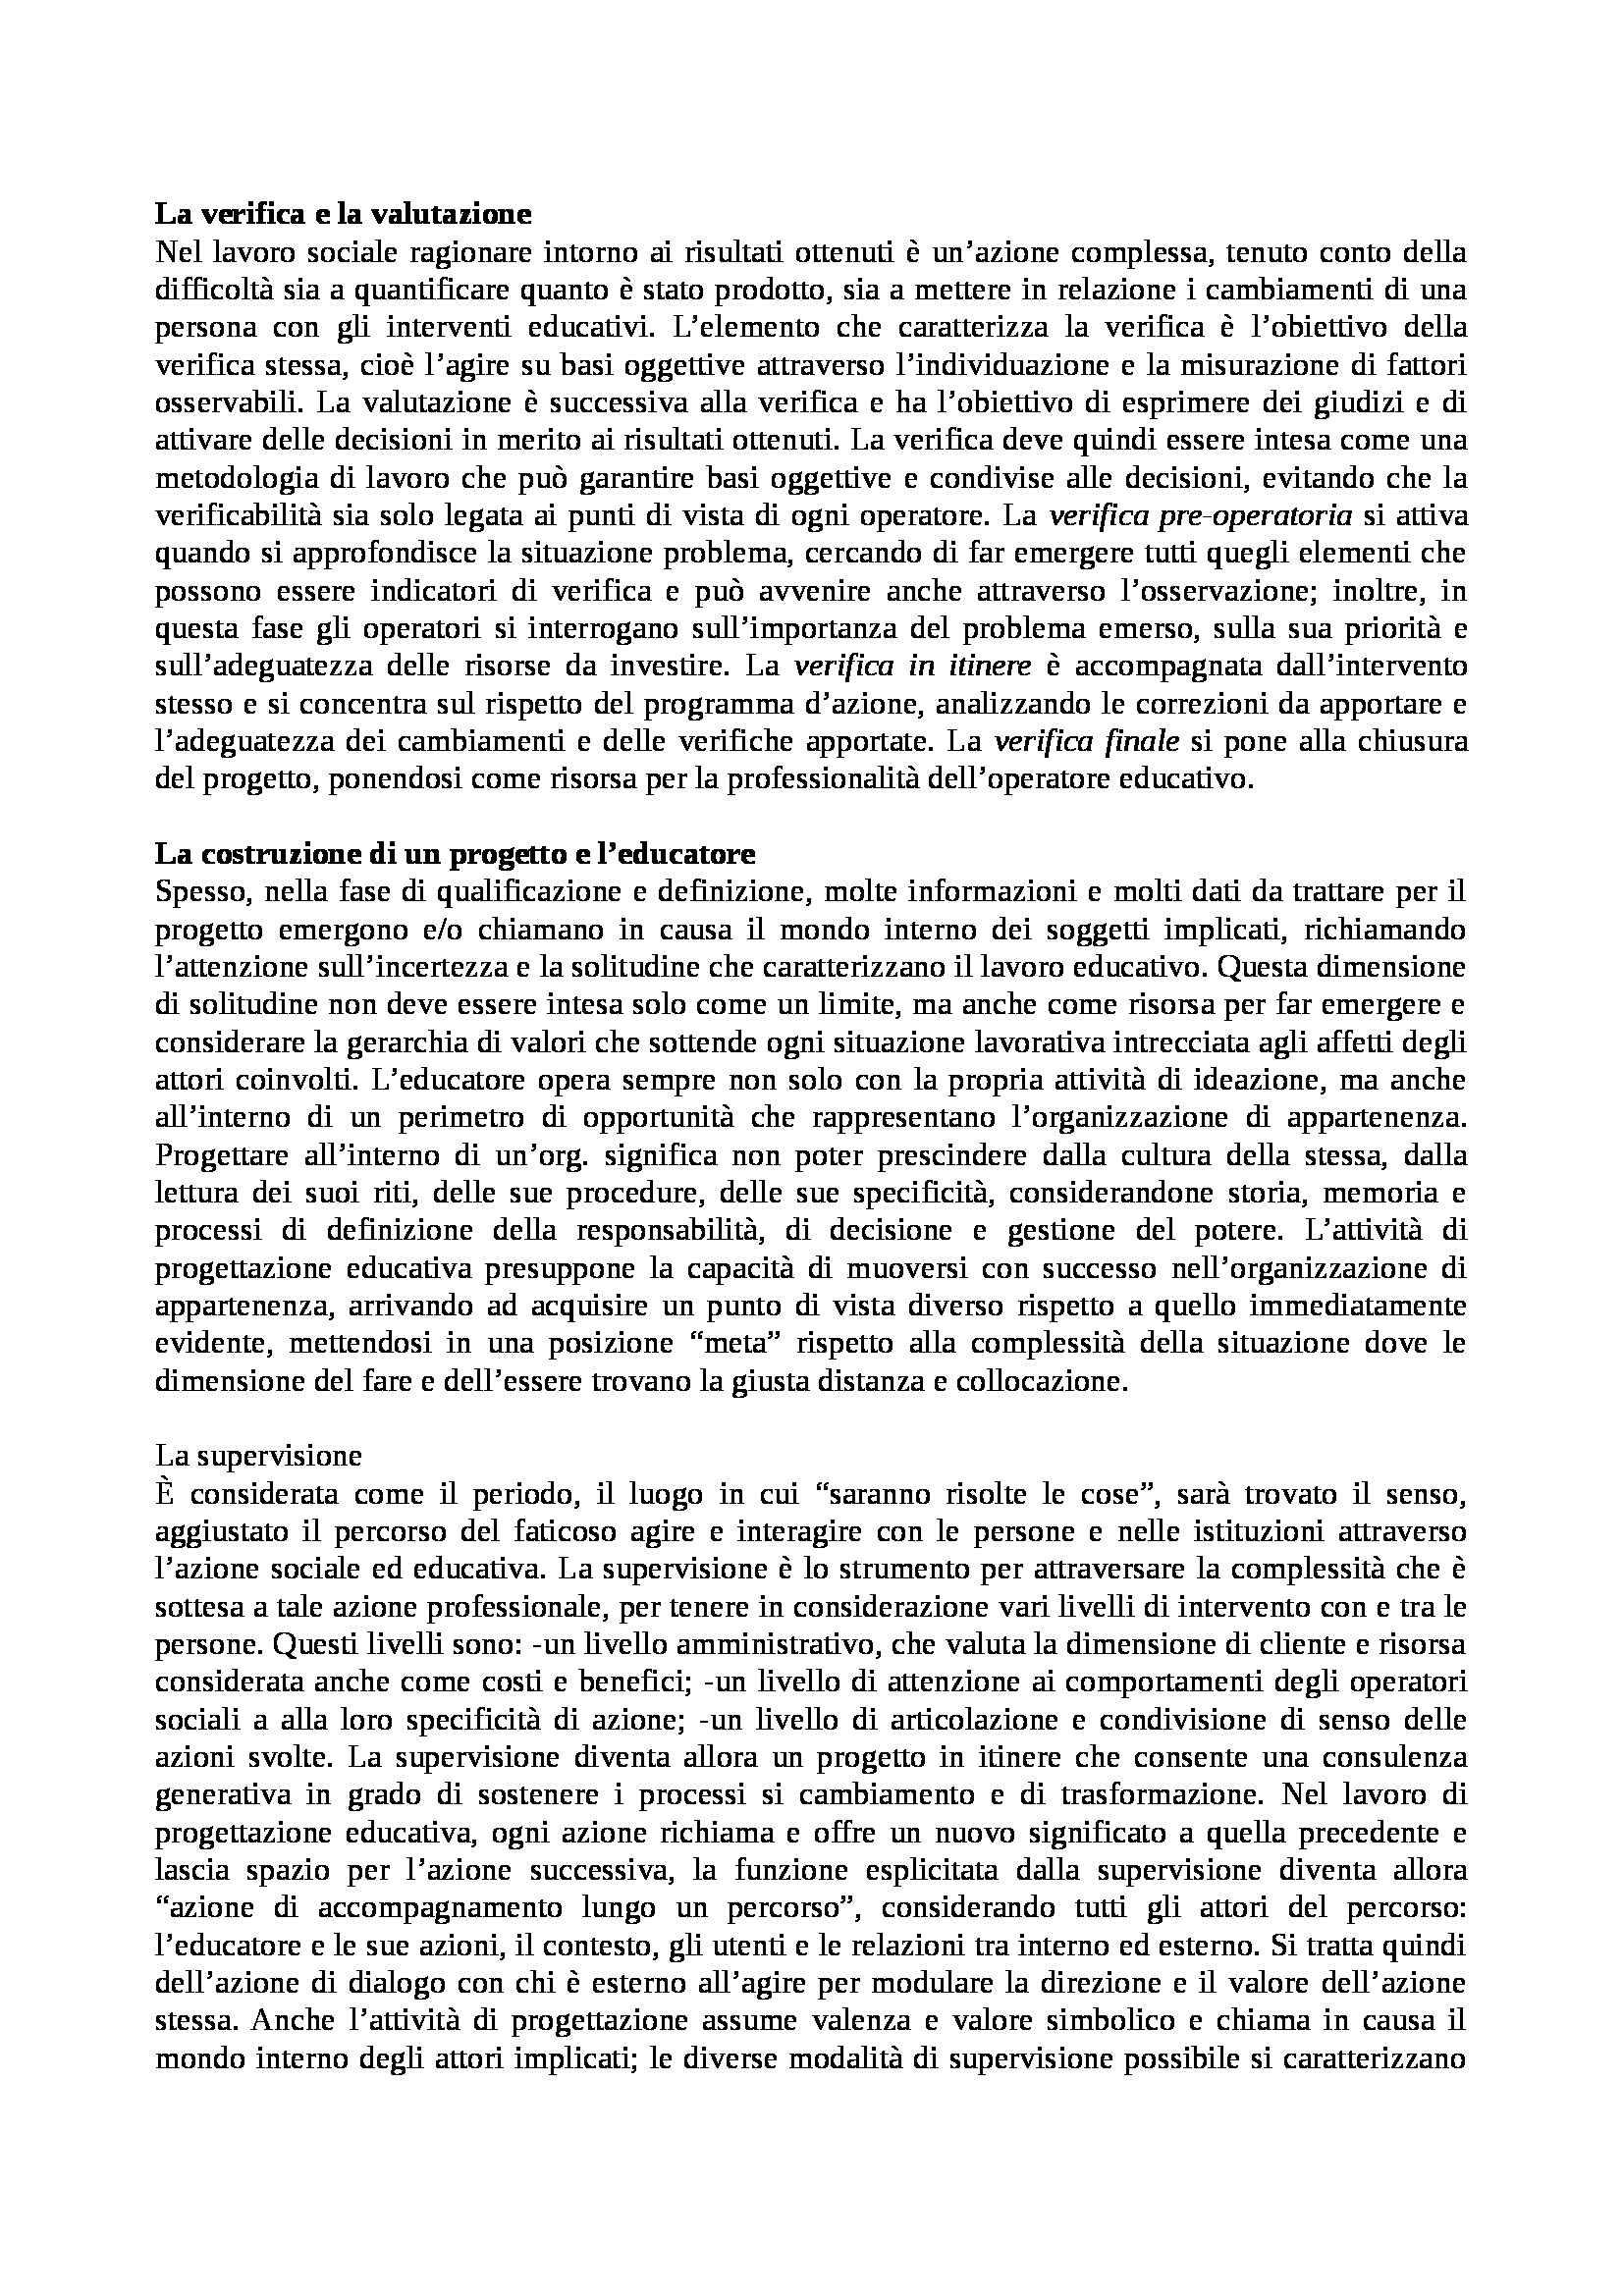 Didattica e progettazione educativa - progettazione educativa Pag. 6